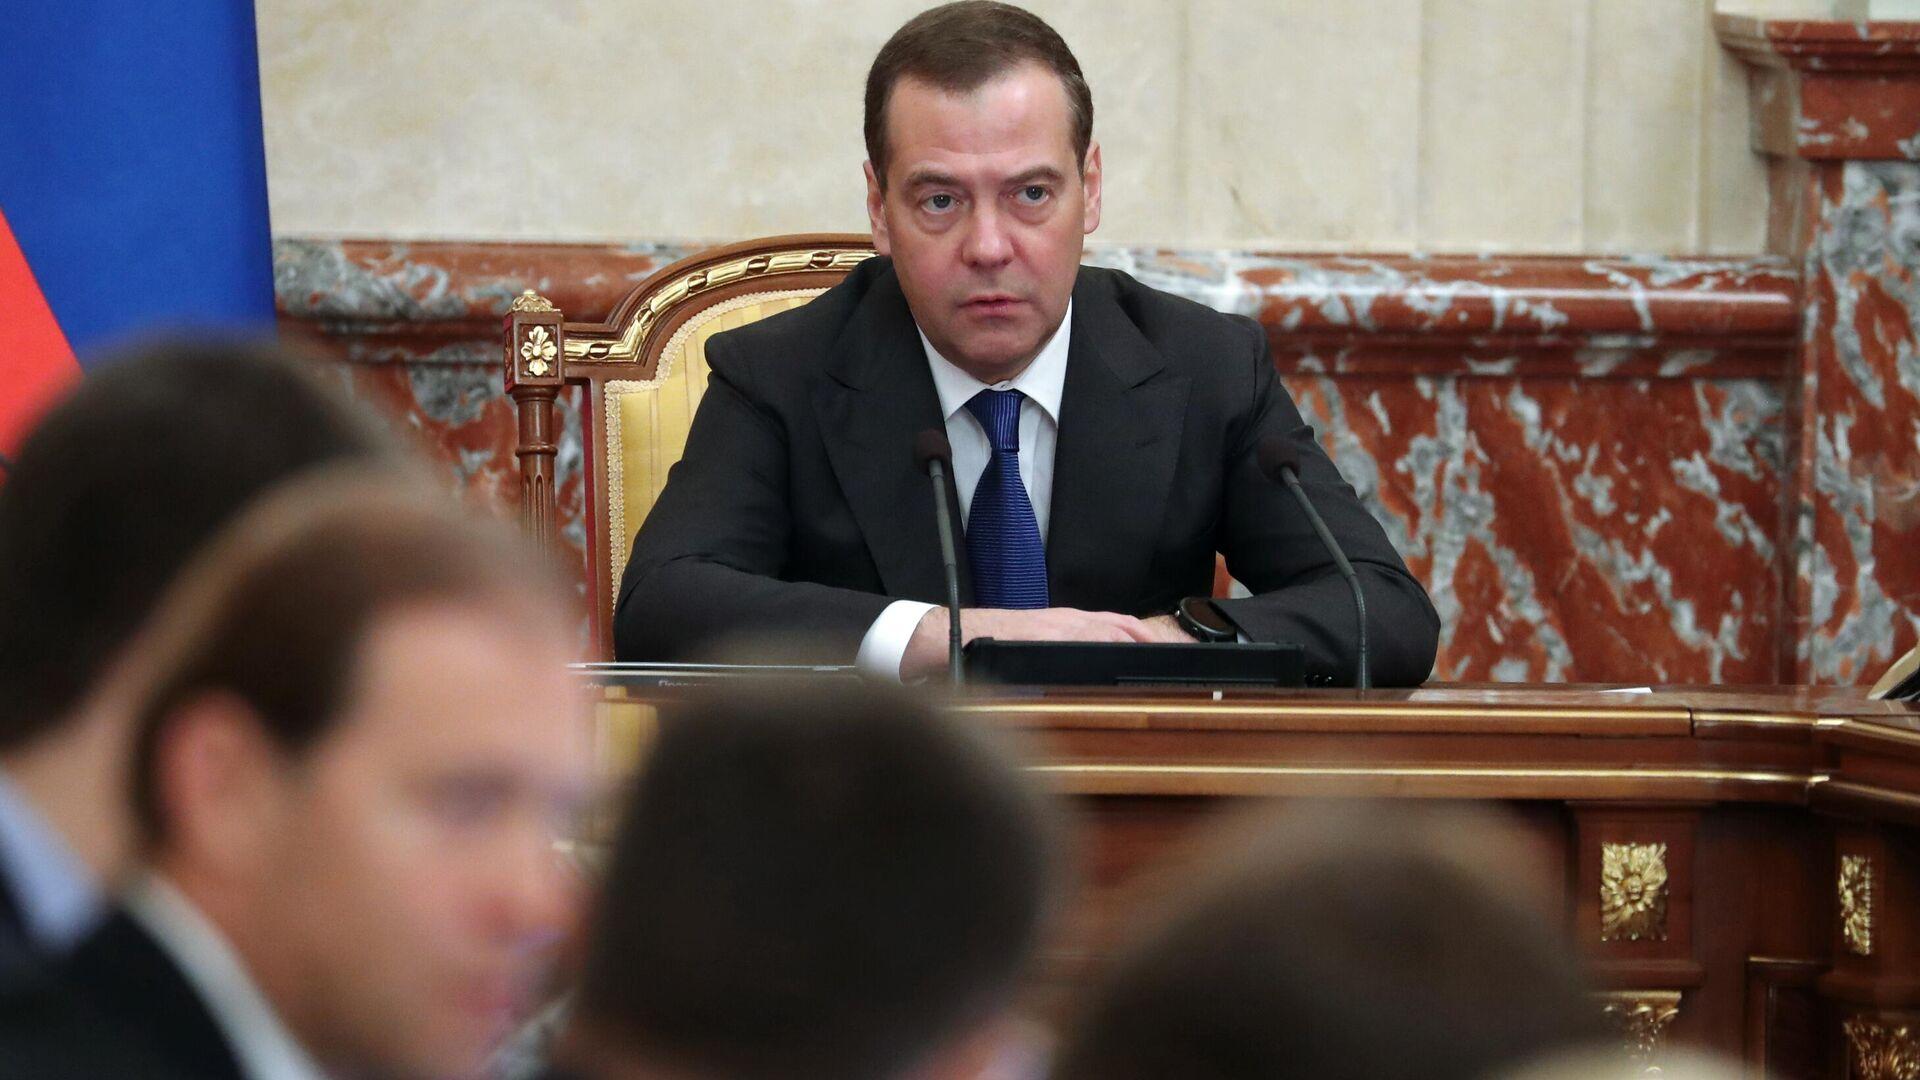 Председатель правительства РФ Дмитрий Медведев проводит заседание правительства РФ. 21 ноября 2019 - РИА Новости, 1920, 22.11.2019